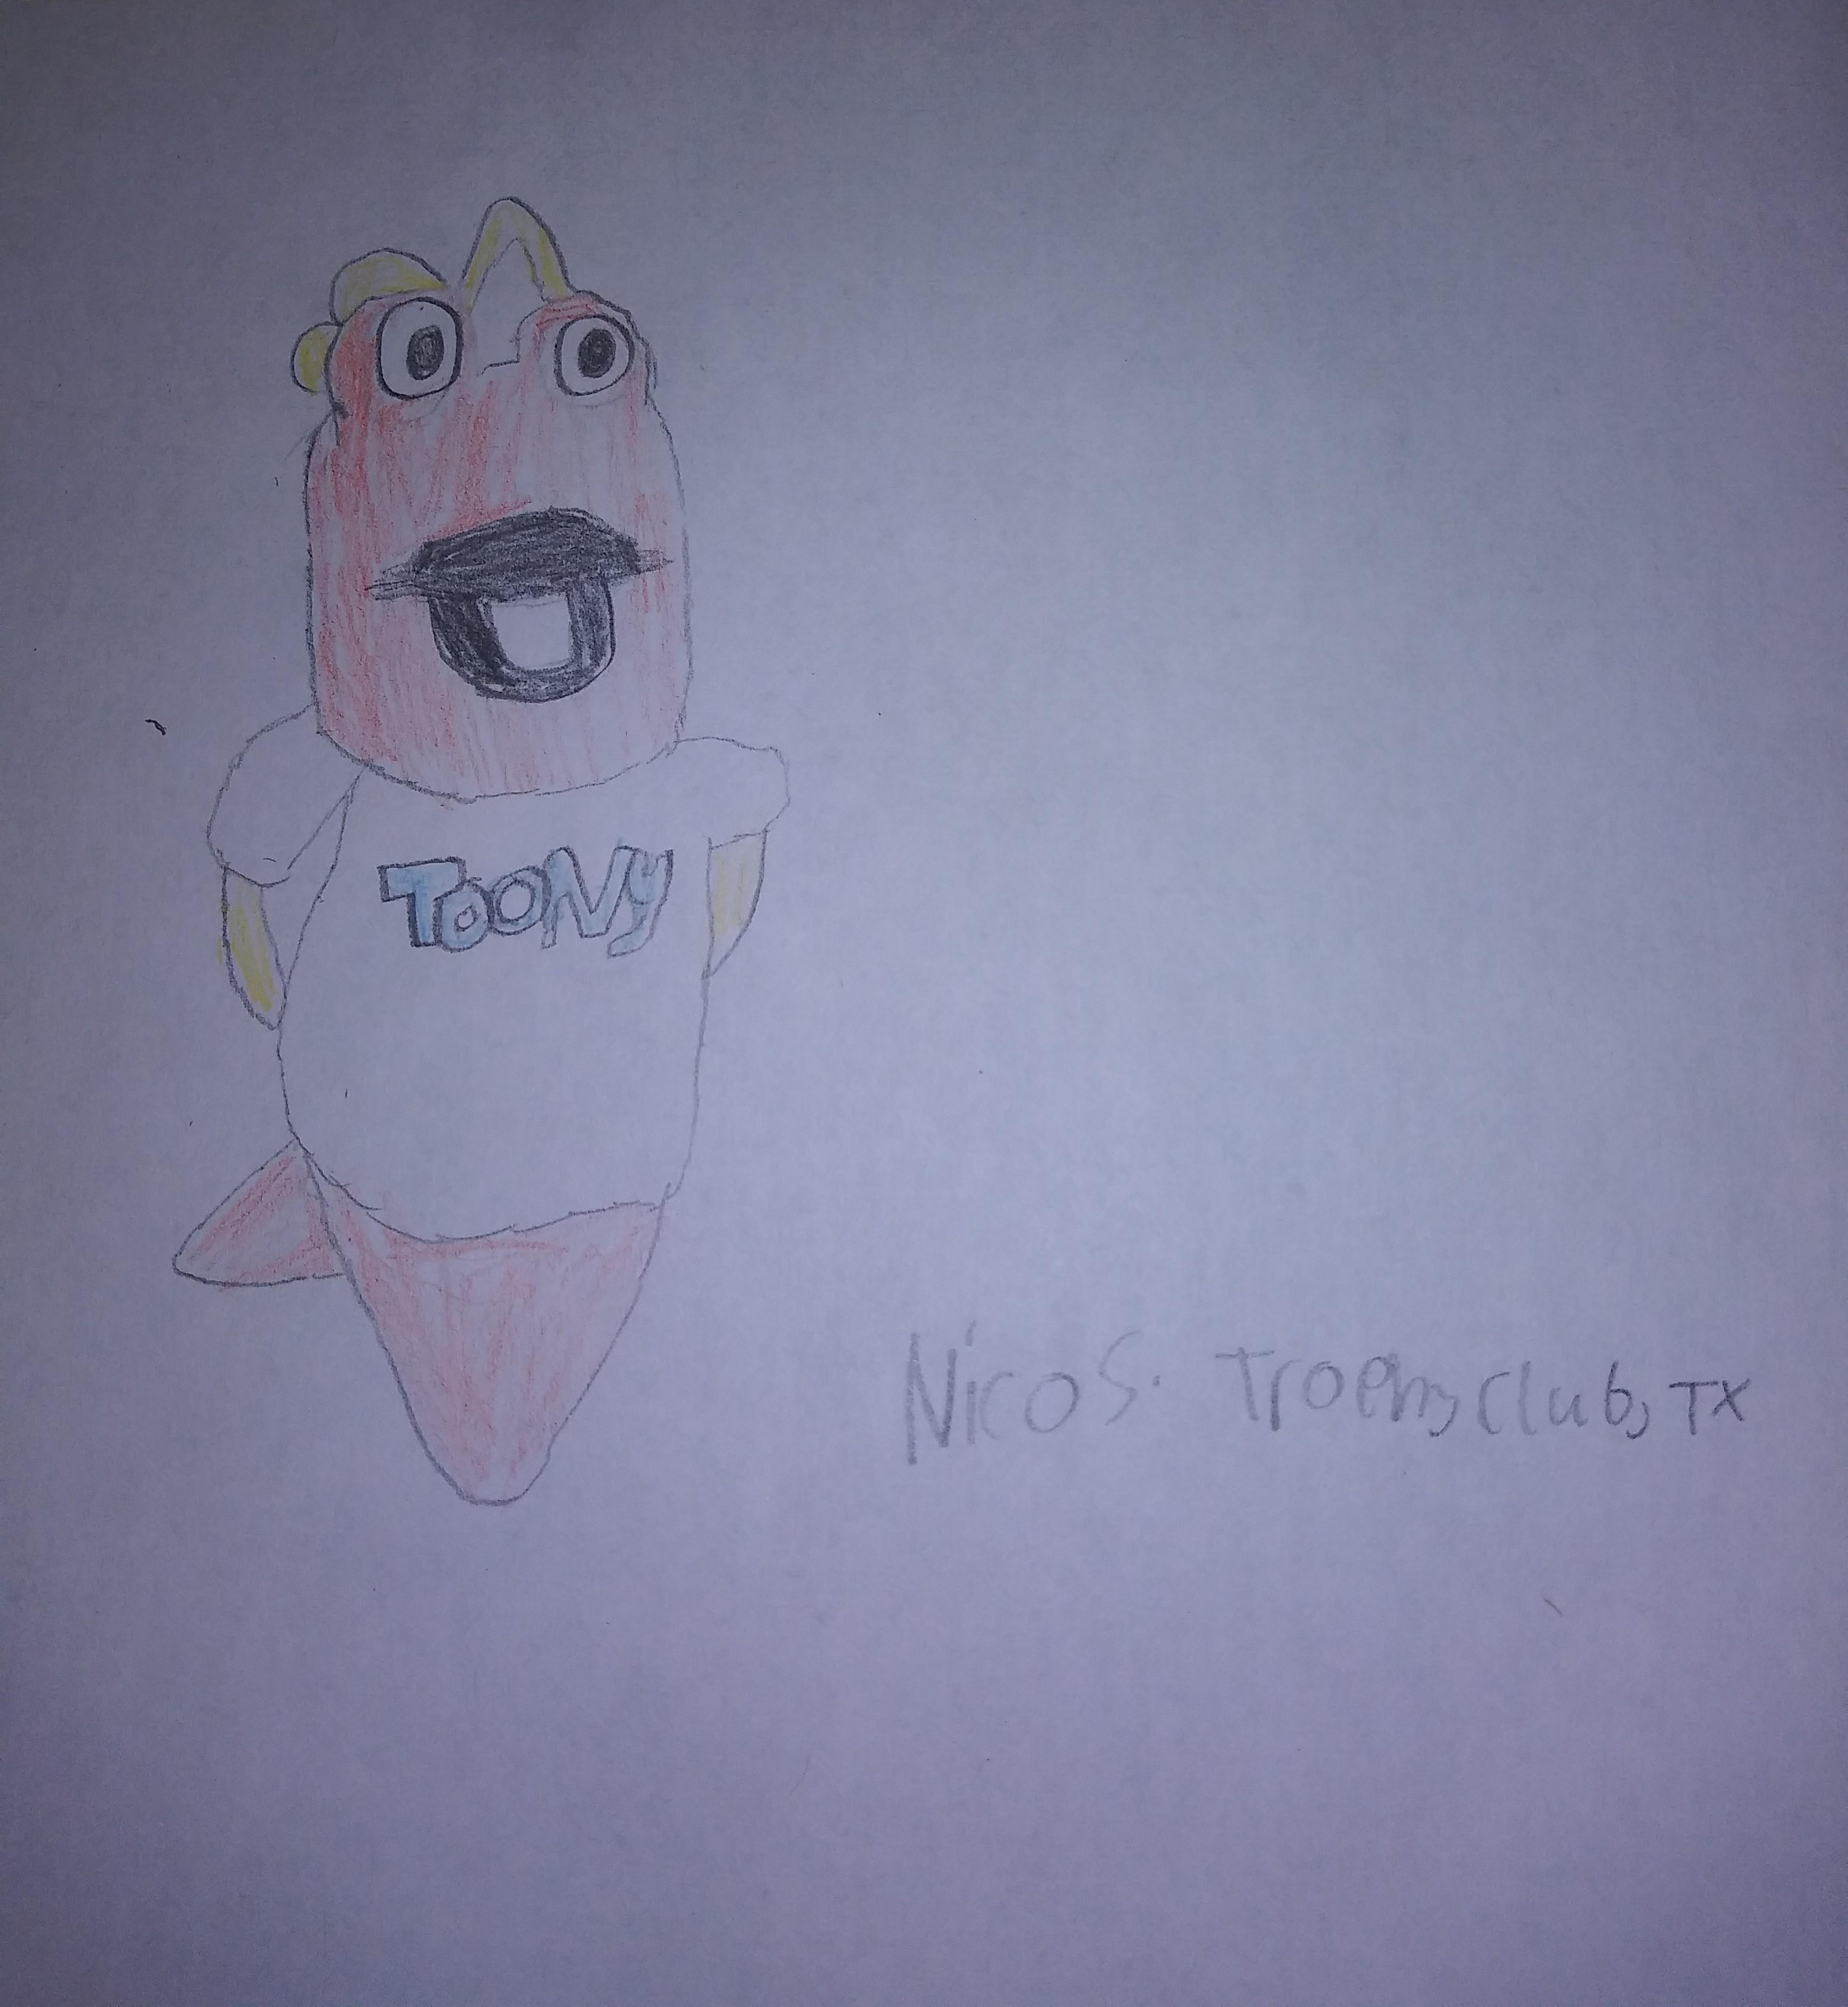 I enjoy cartooning, and i wanted to draw Toony. I like the cartoons.